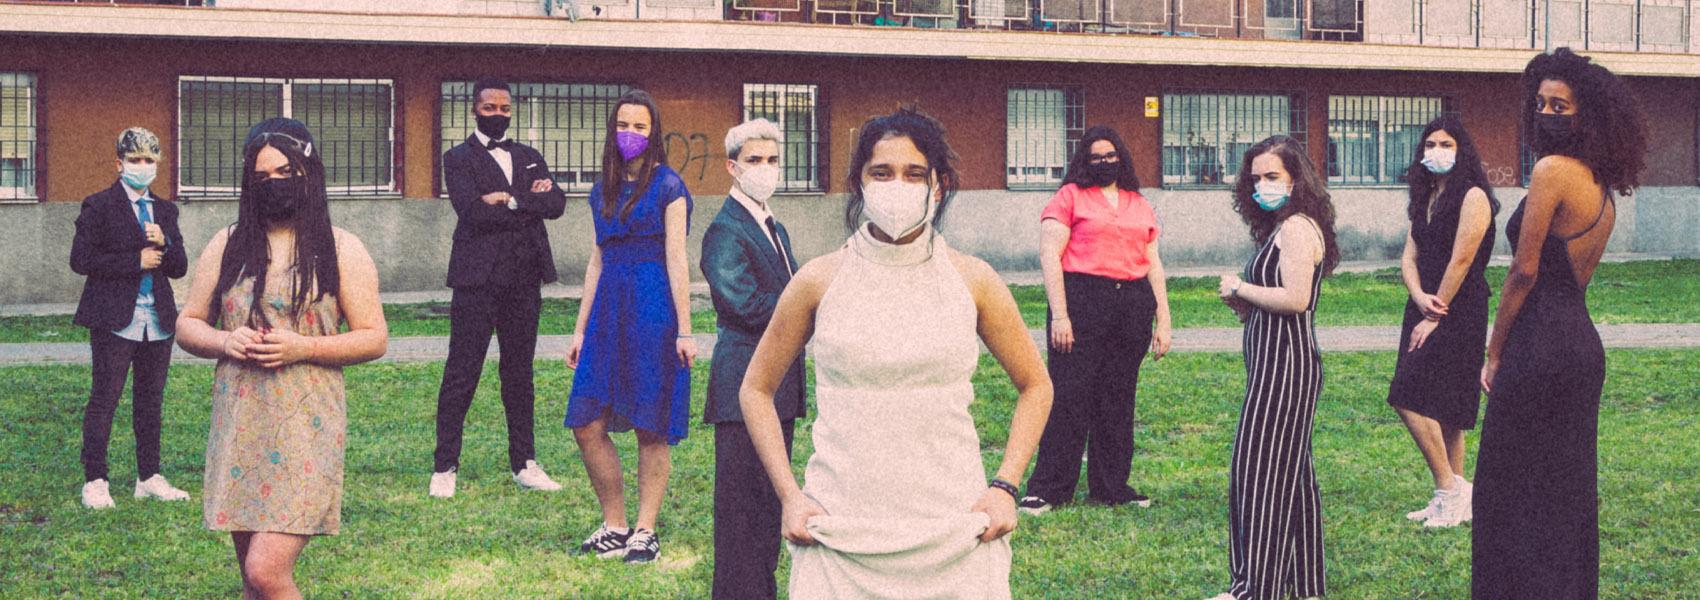 Muestra del proyecto teatral Generación Global